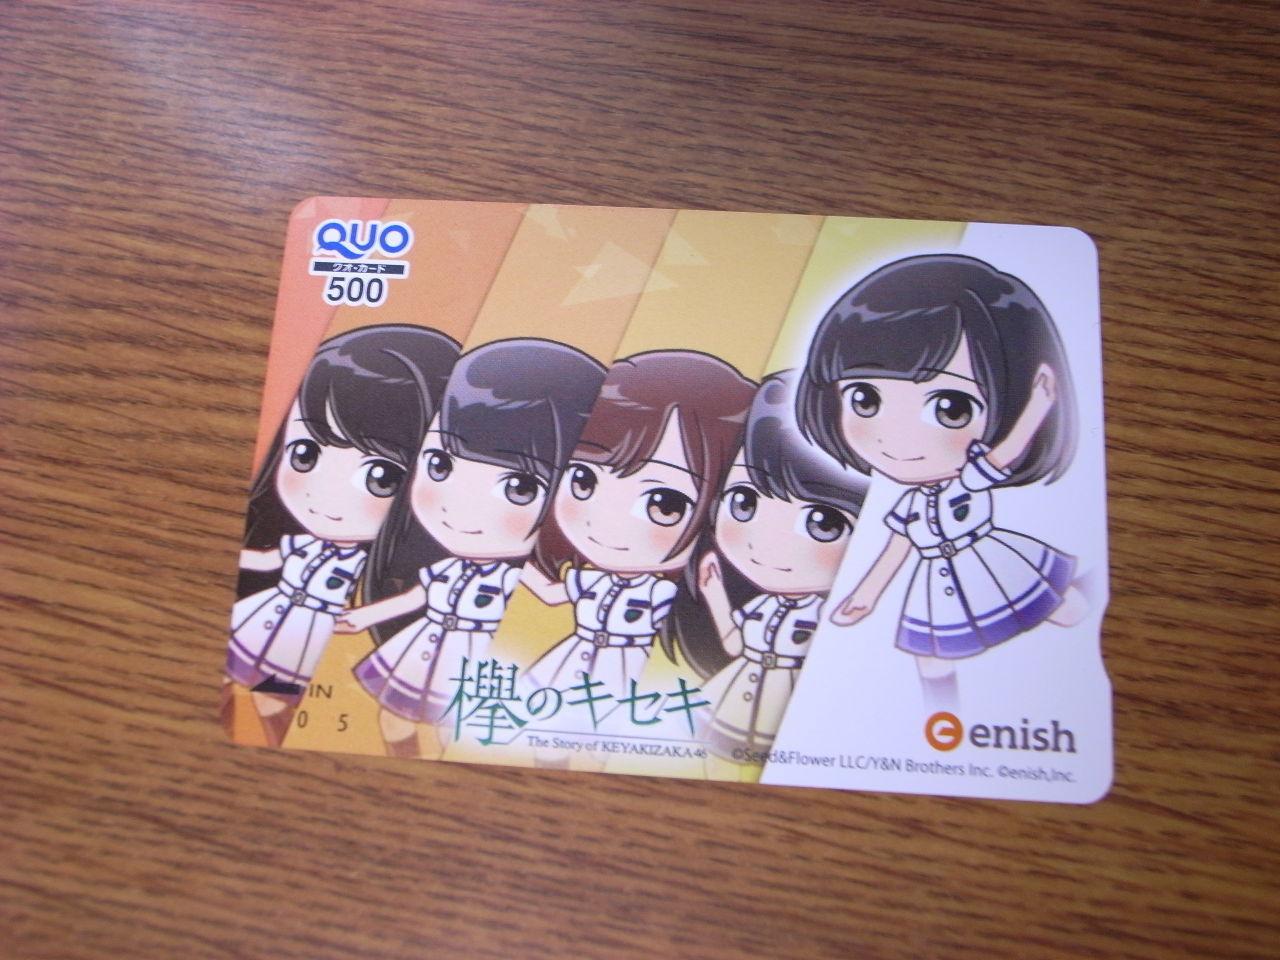 3667 - (株)enish 500円割ったら株主総会で暴れよう!ちなに今年のお土産を再掲載。